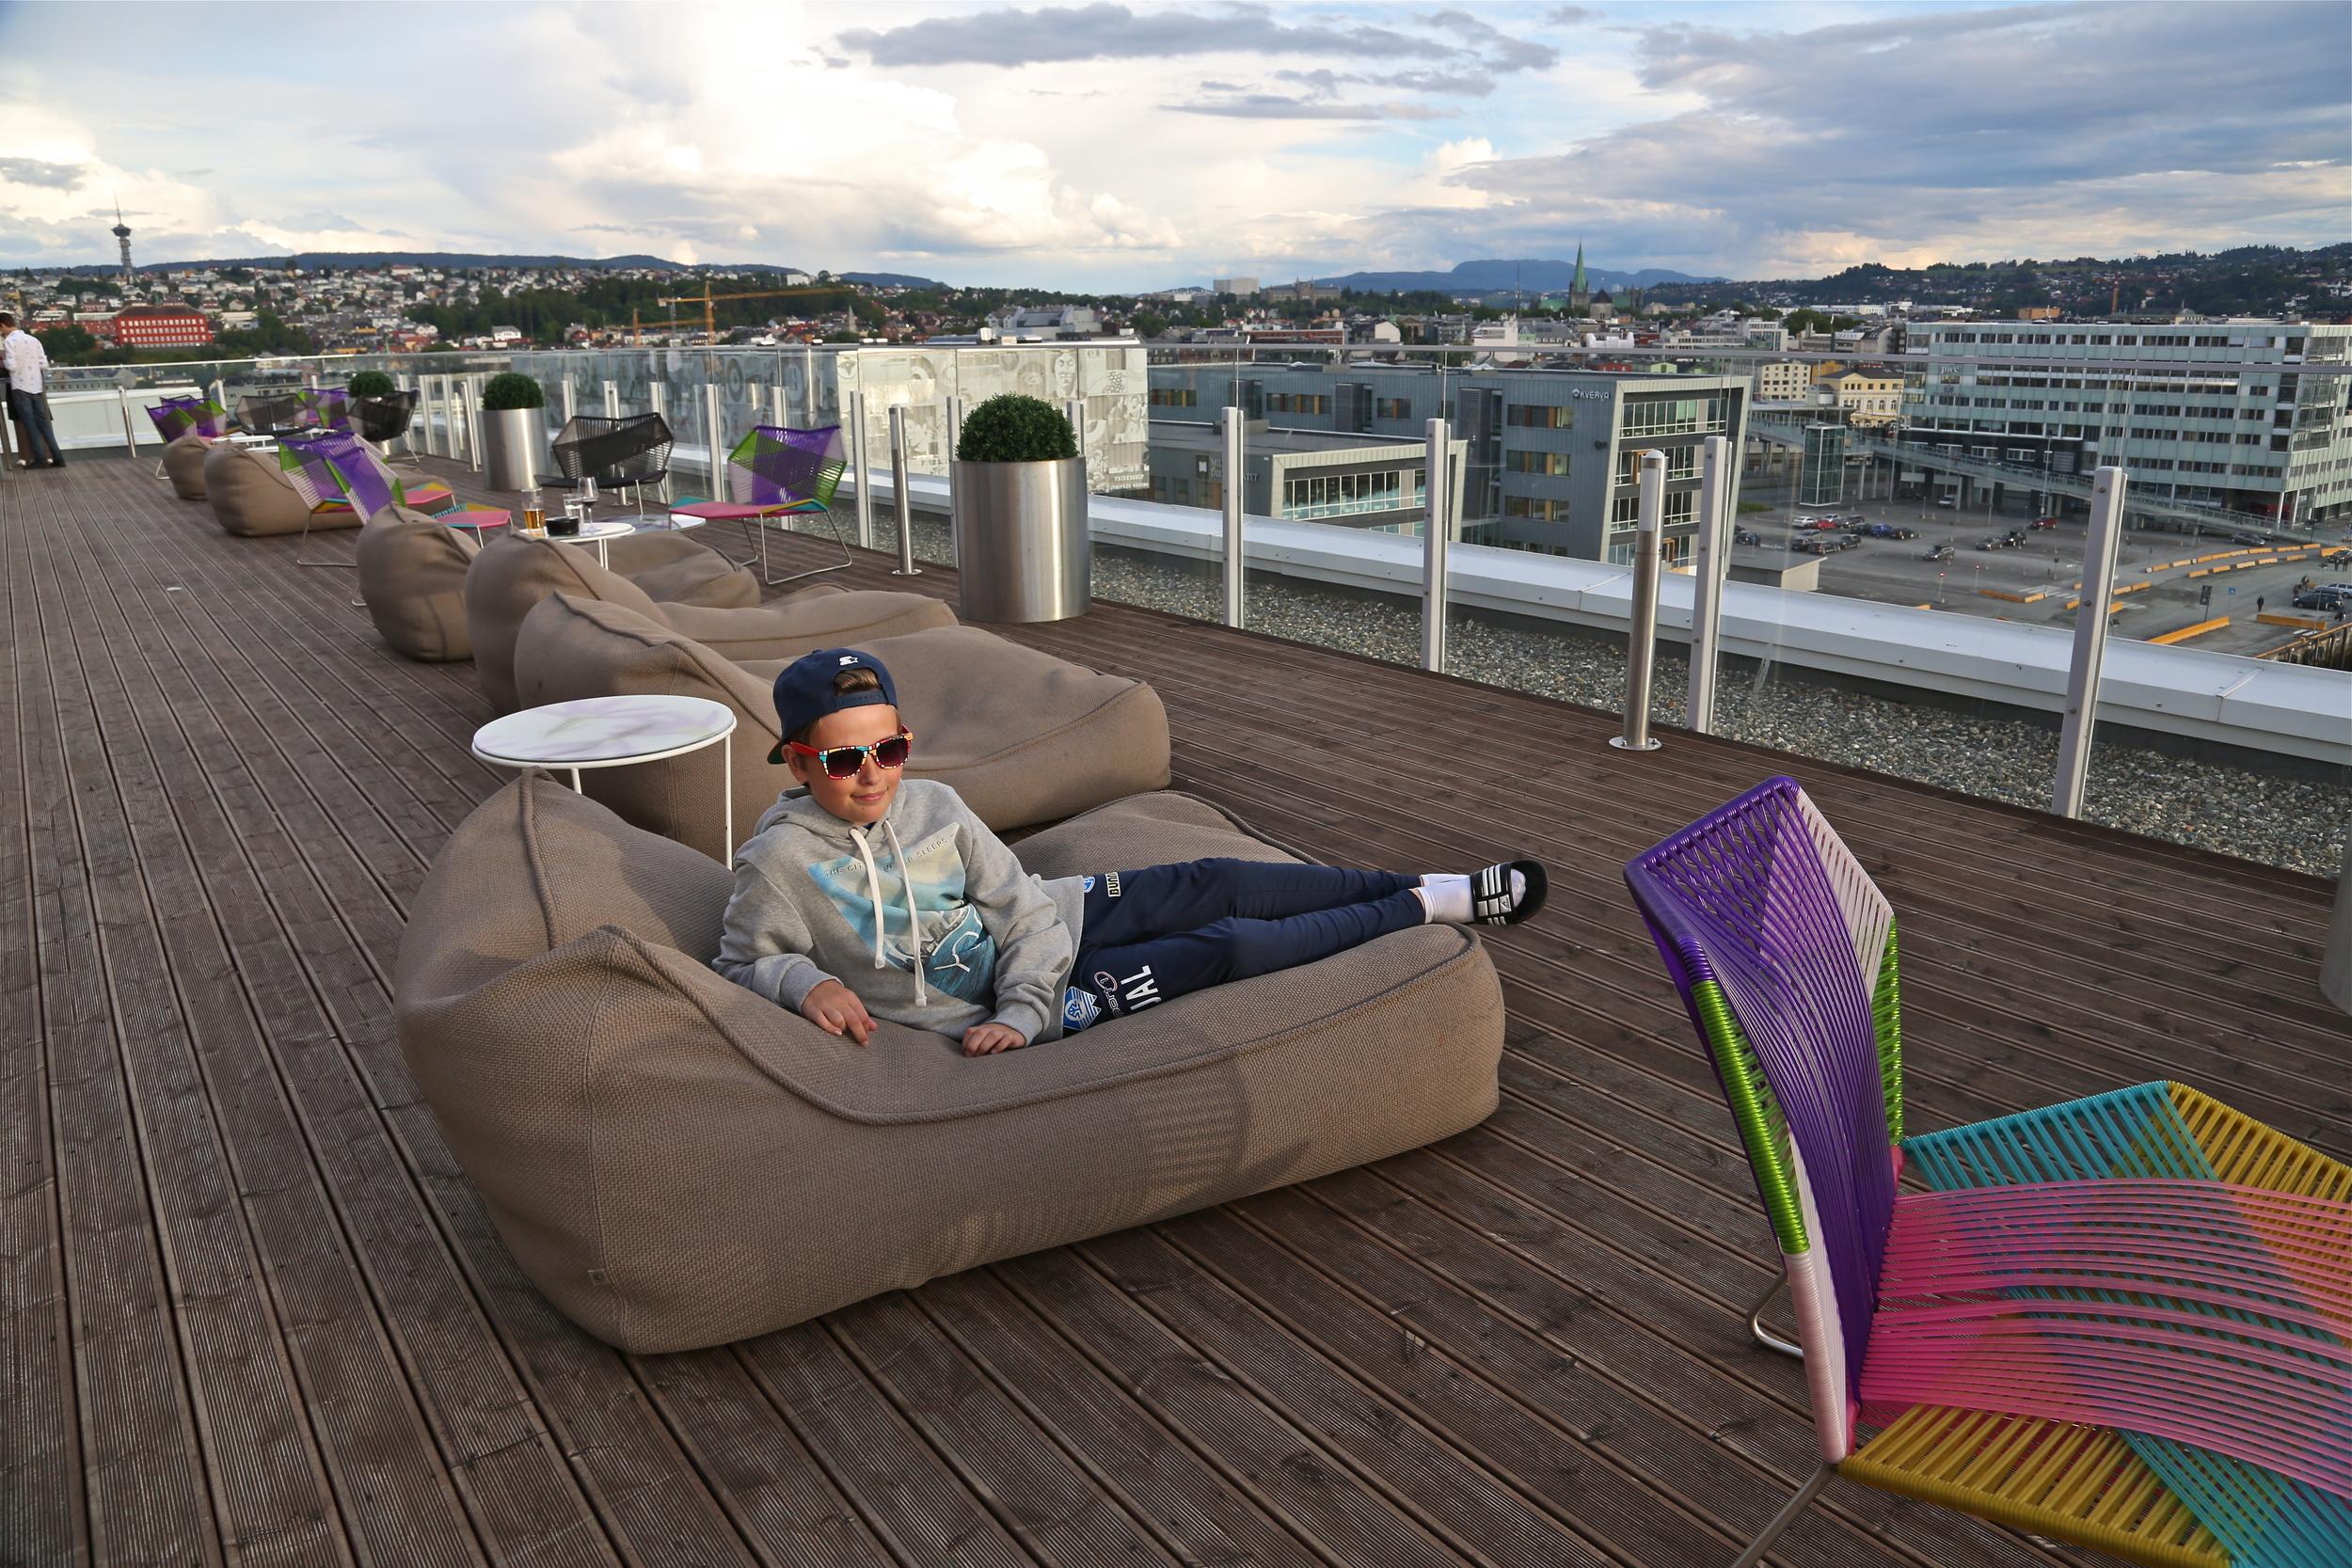 Det gode liv en mandags kveld i Trondheim,